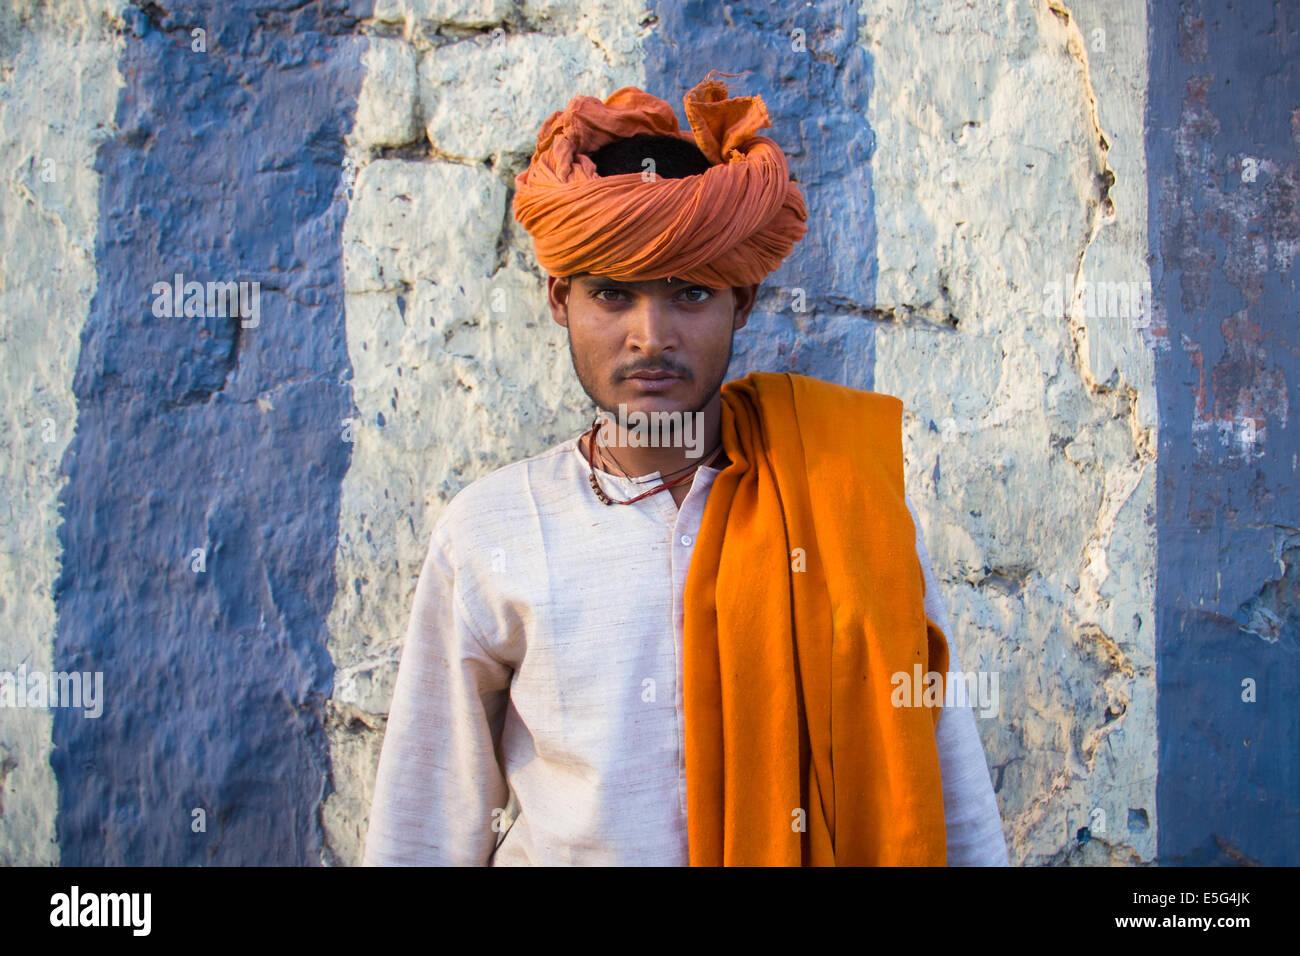 Jeune homme hindou coloré, portant un turban orange, posant devant un mur dans la partie ancienne de New Delhi, Photo Stock